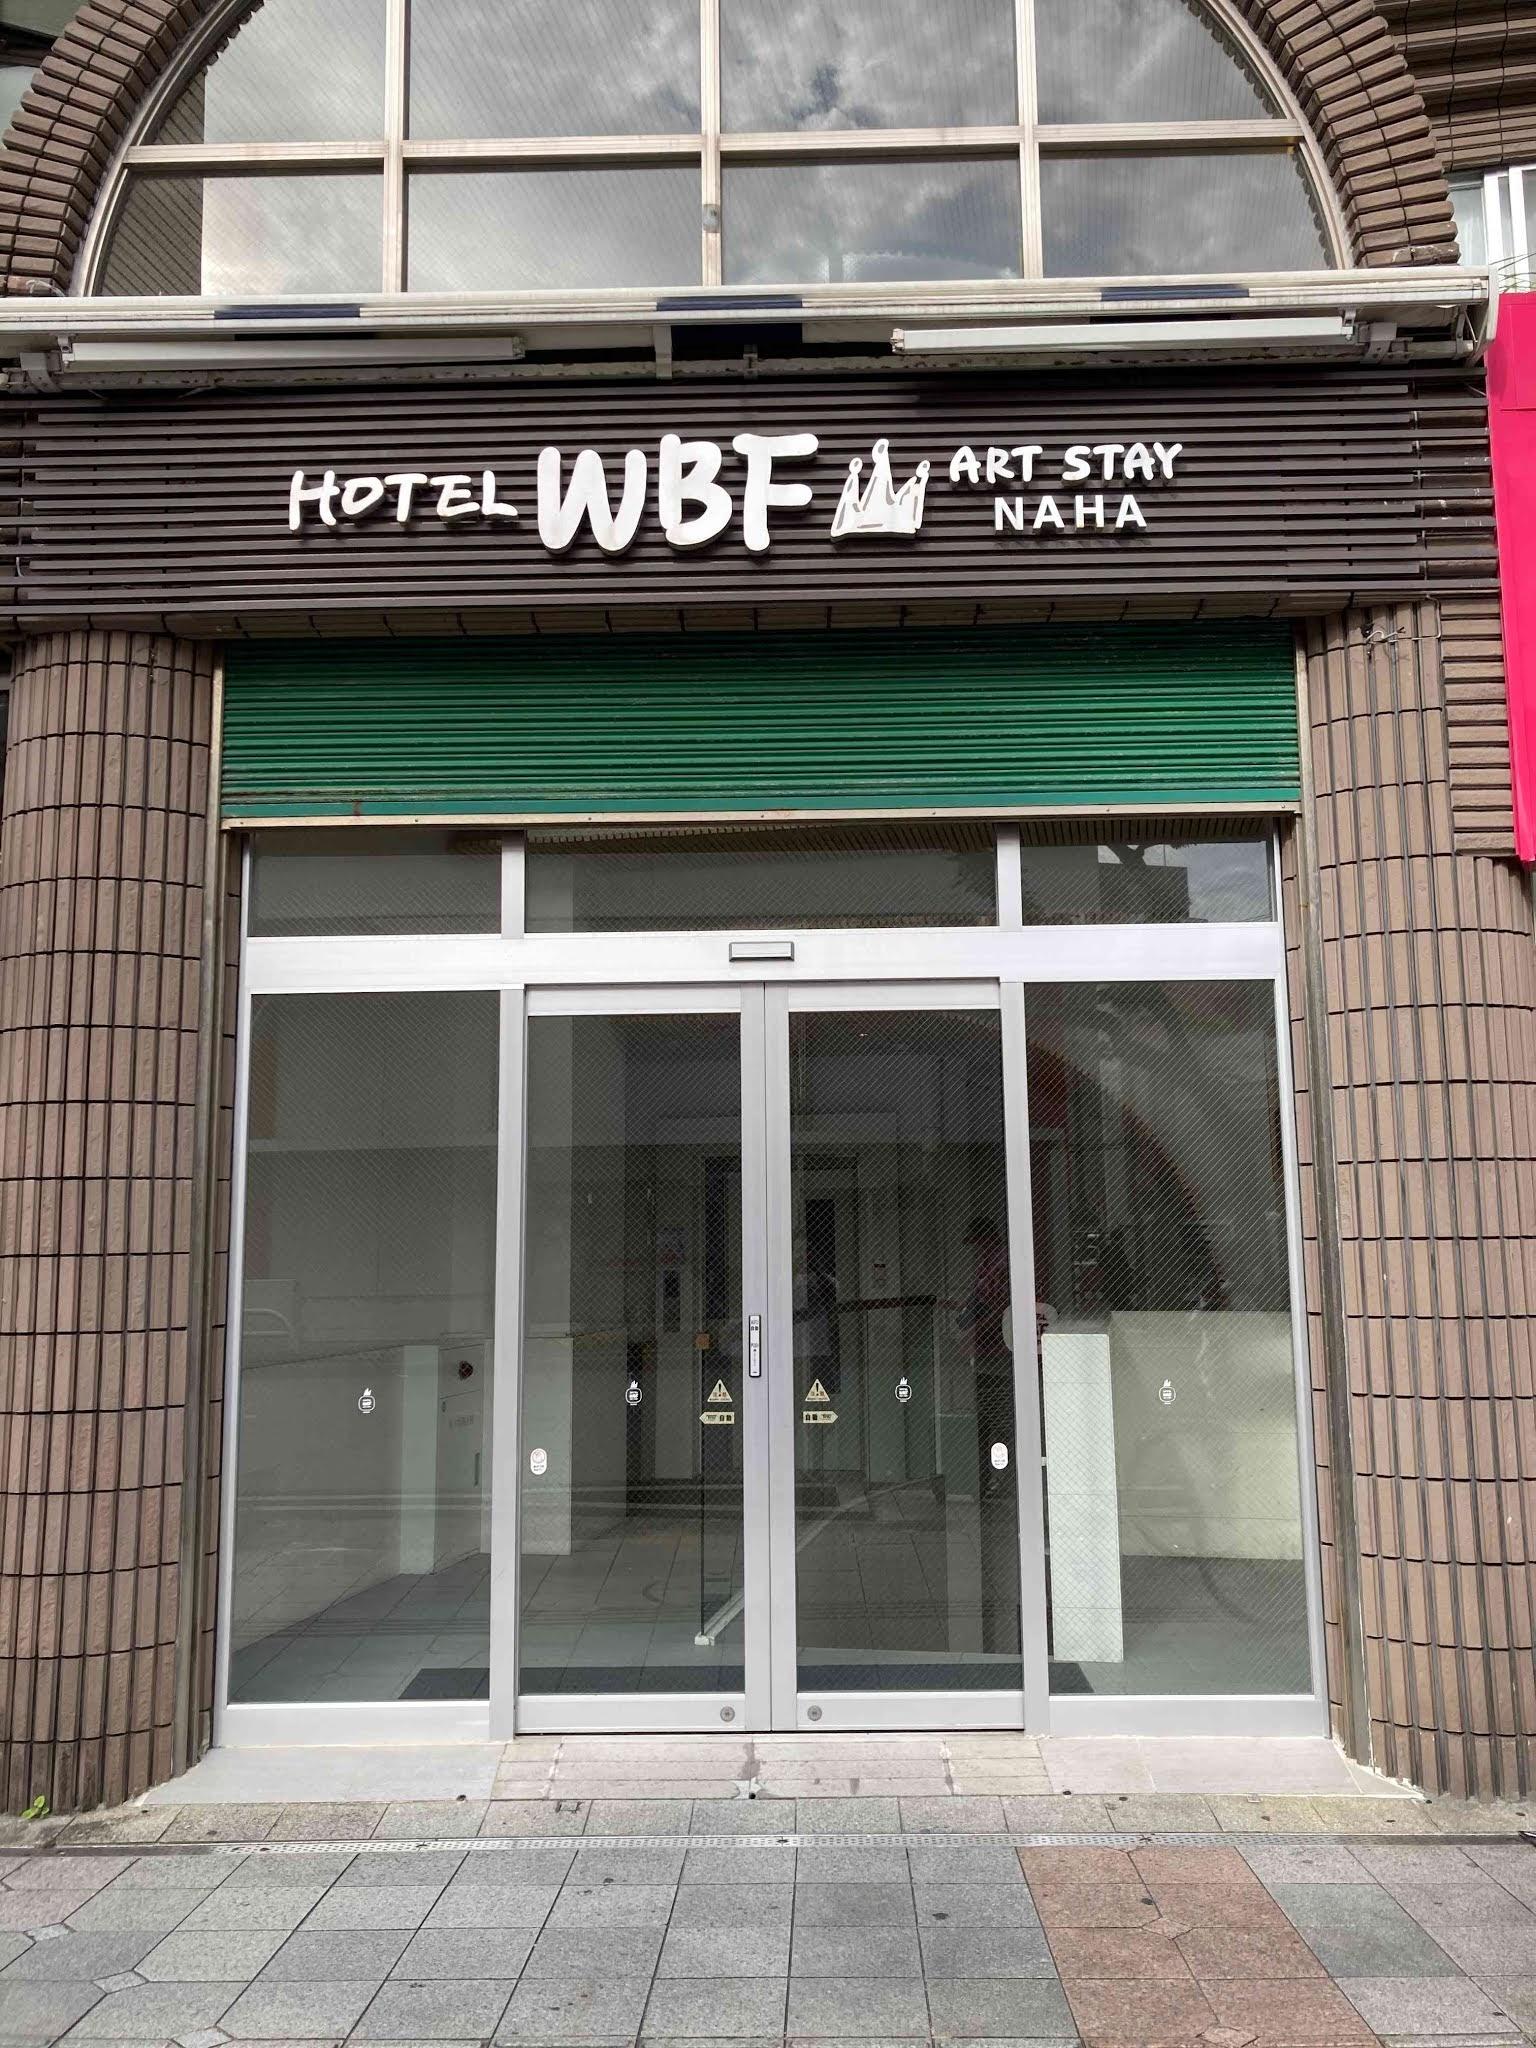 ホテルWBFアートステイ那覇 入口